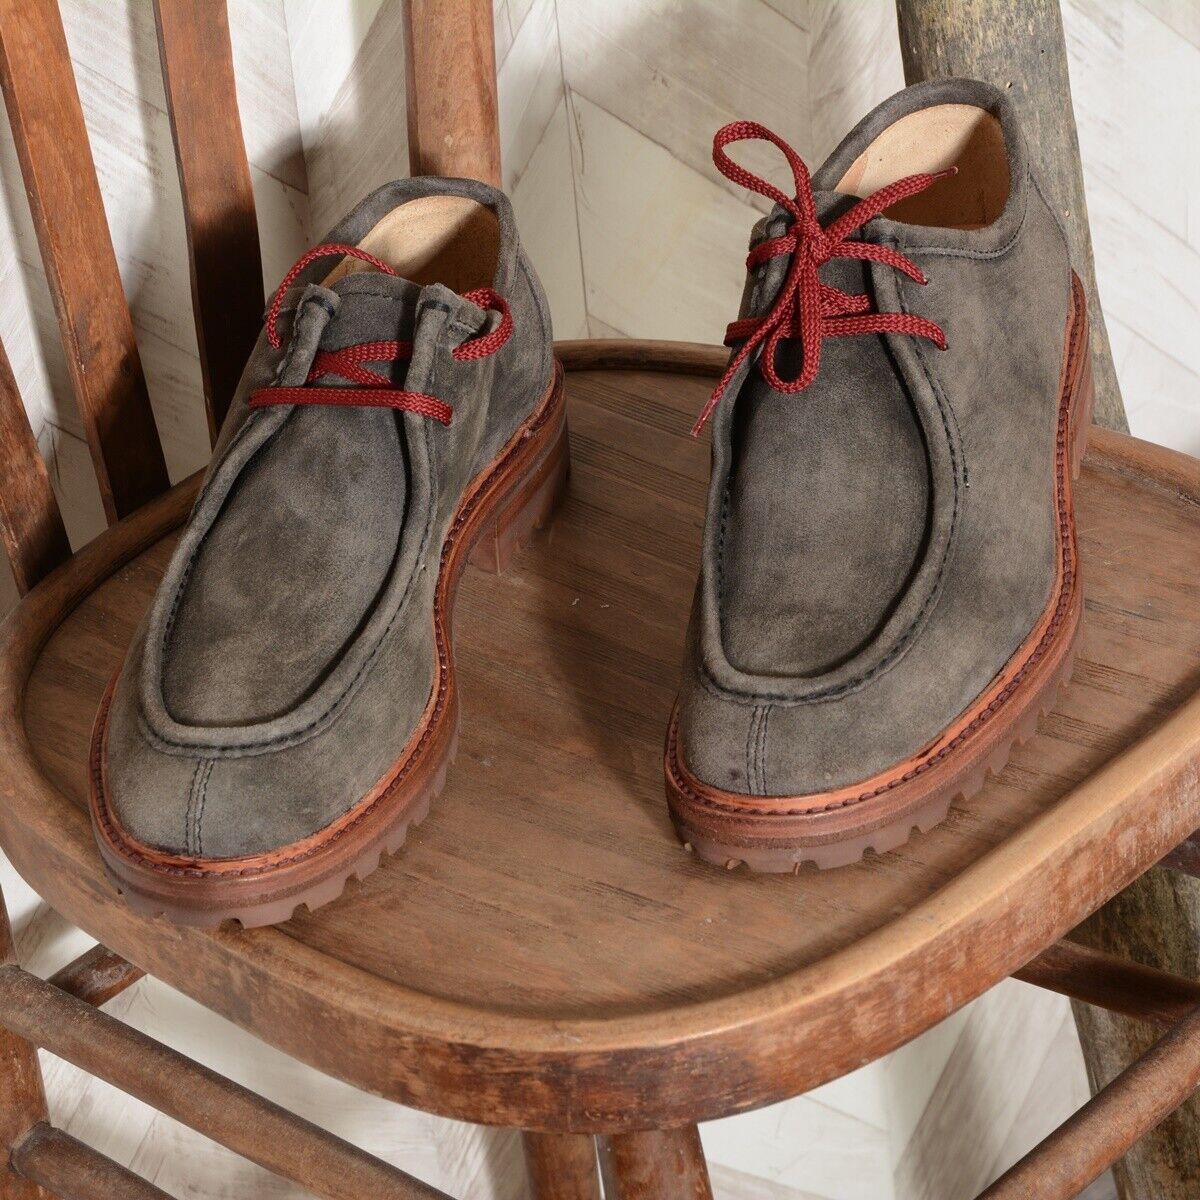 LO.bianca scarpe uomo 28906 stringate in pelle scamosciata Coloreeeeee grigio-lavagna